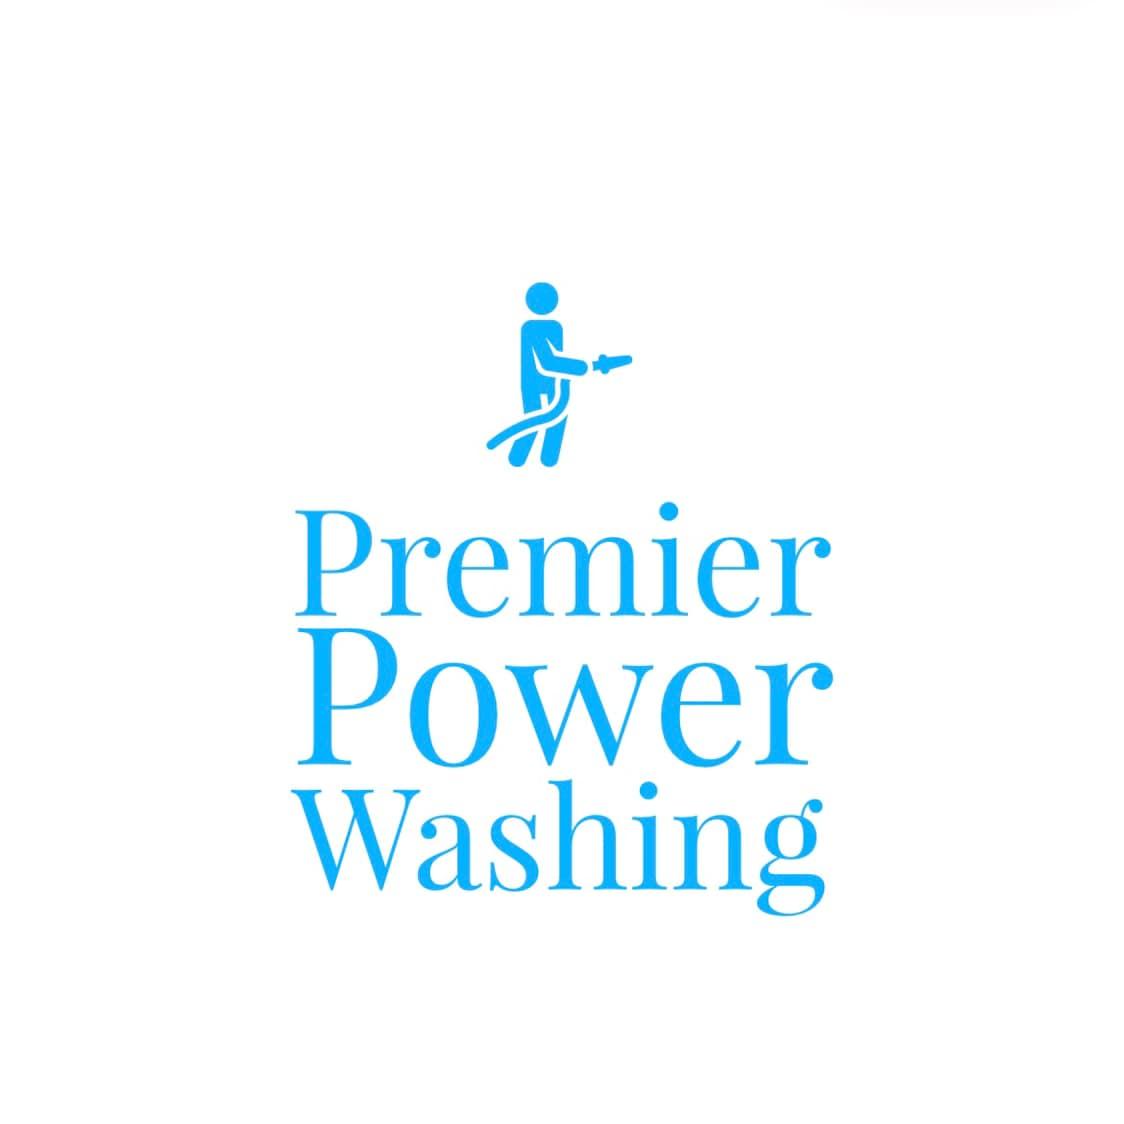 Premier Power Washing logo